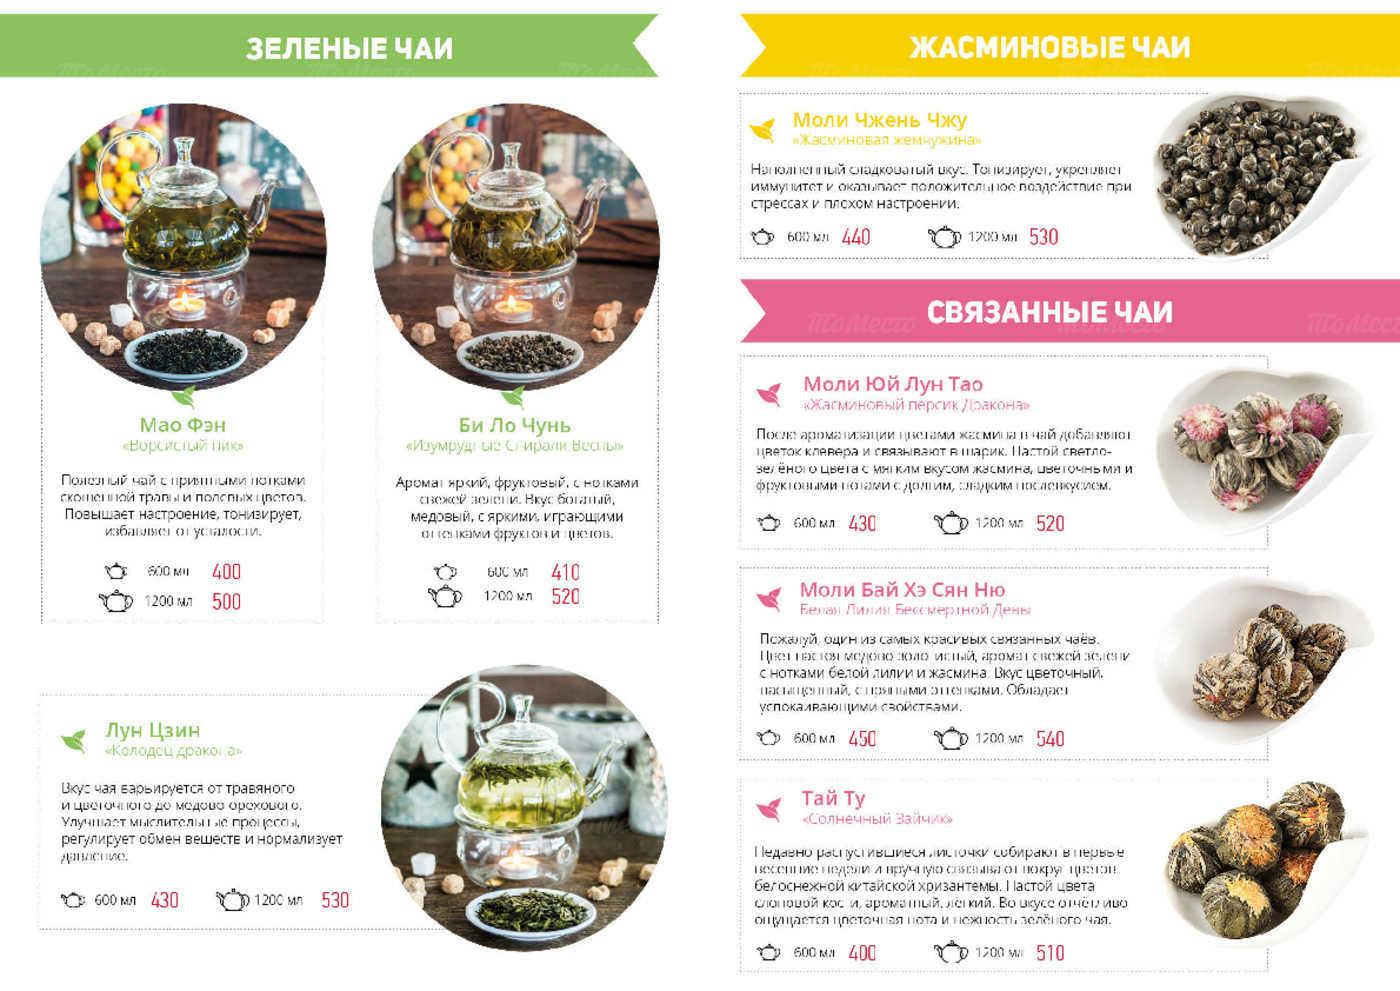 Меню ресторана Кларк Ки на улице Киевской